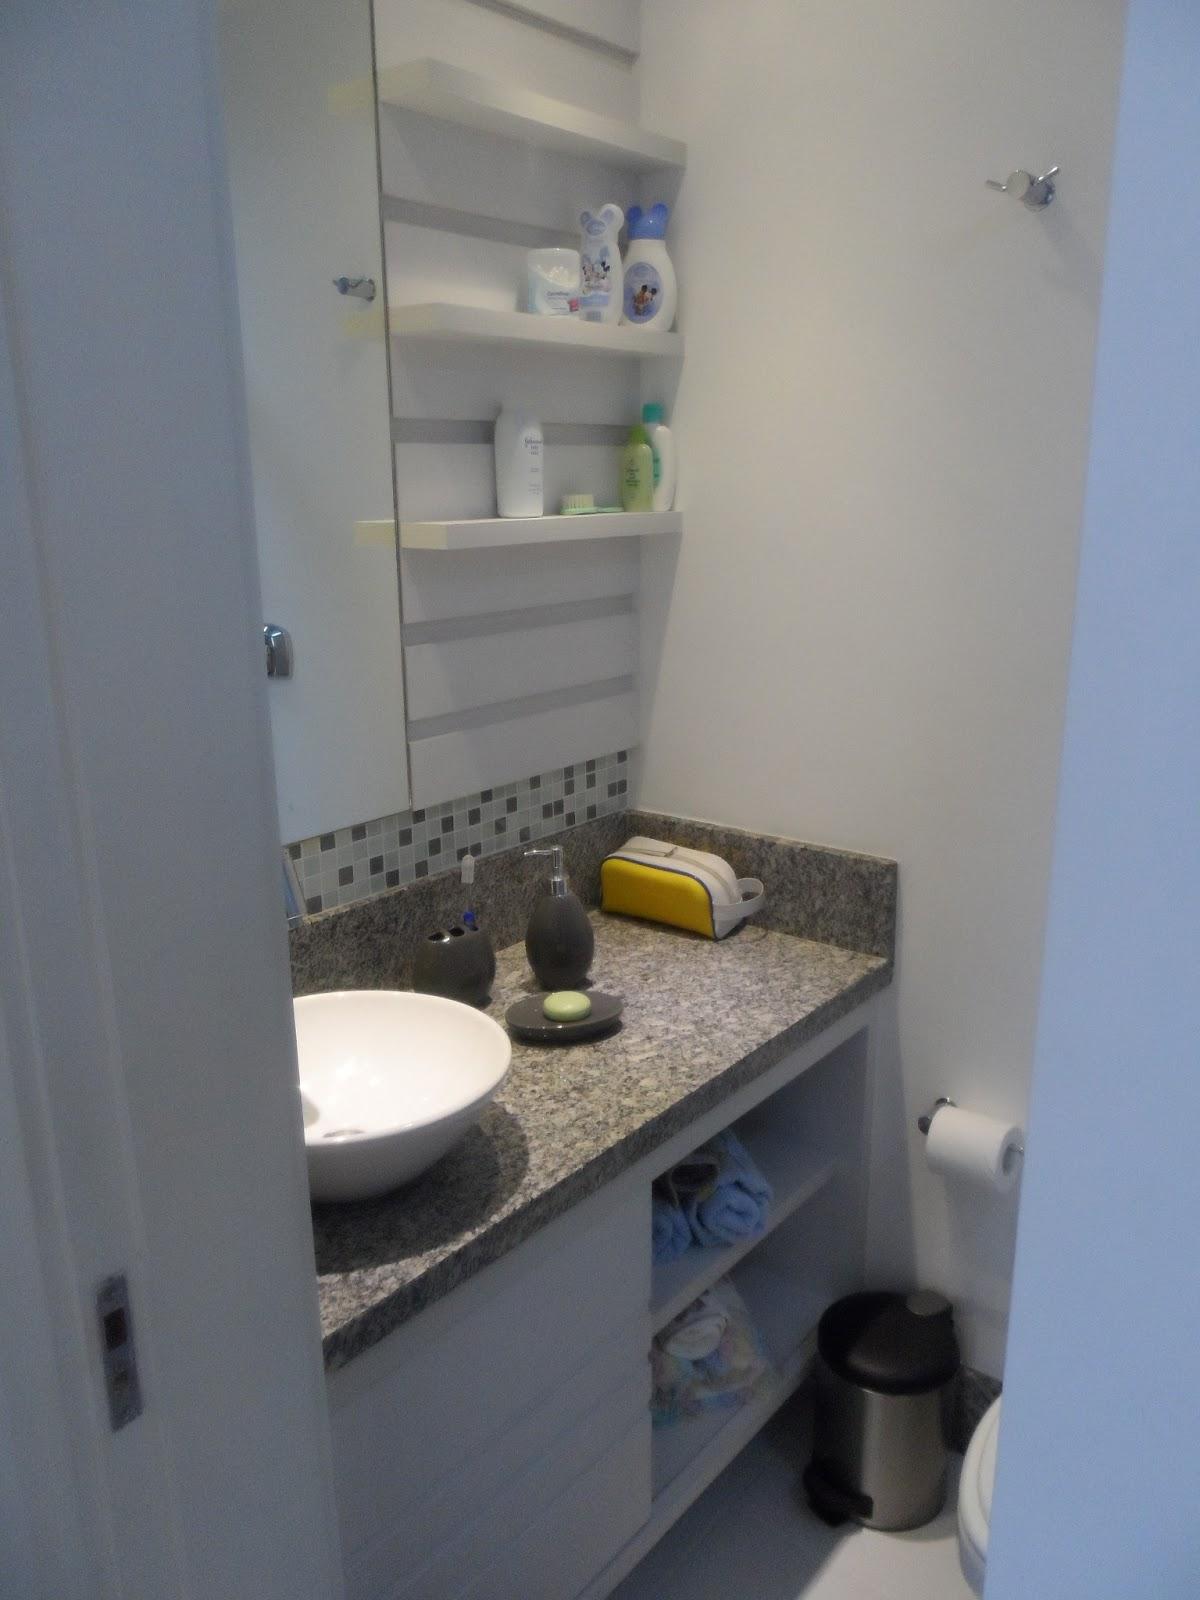 http://2.bp.blogspot.com/ ReginaSegura. arquitetura: APARTAMENTO  #846747 1200x1600 Armario Banheiro Vime